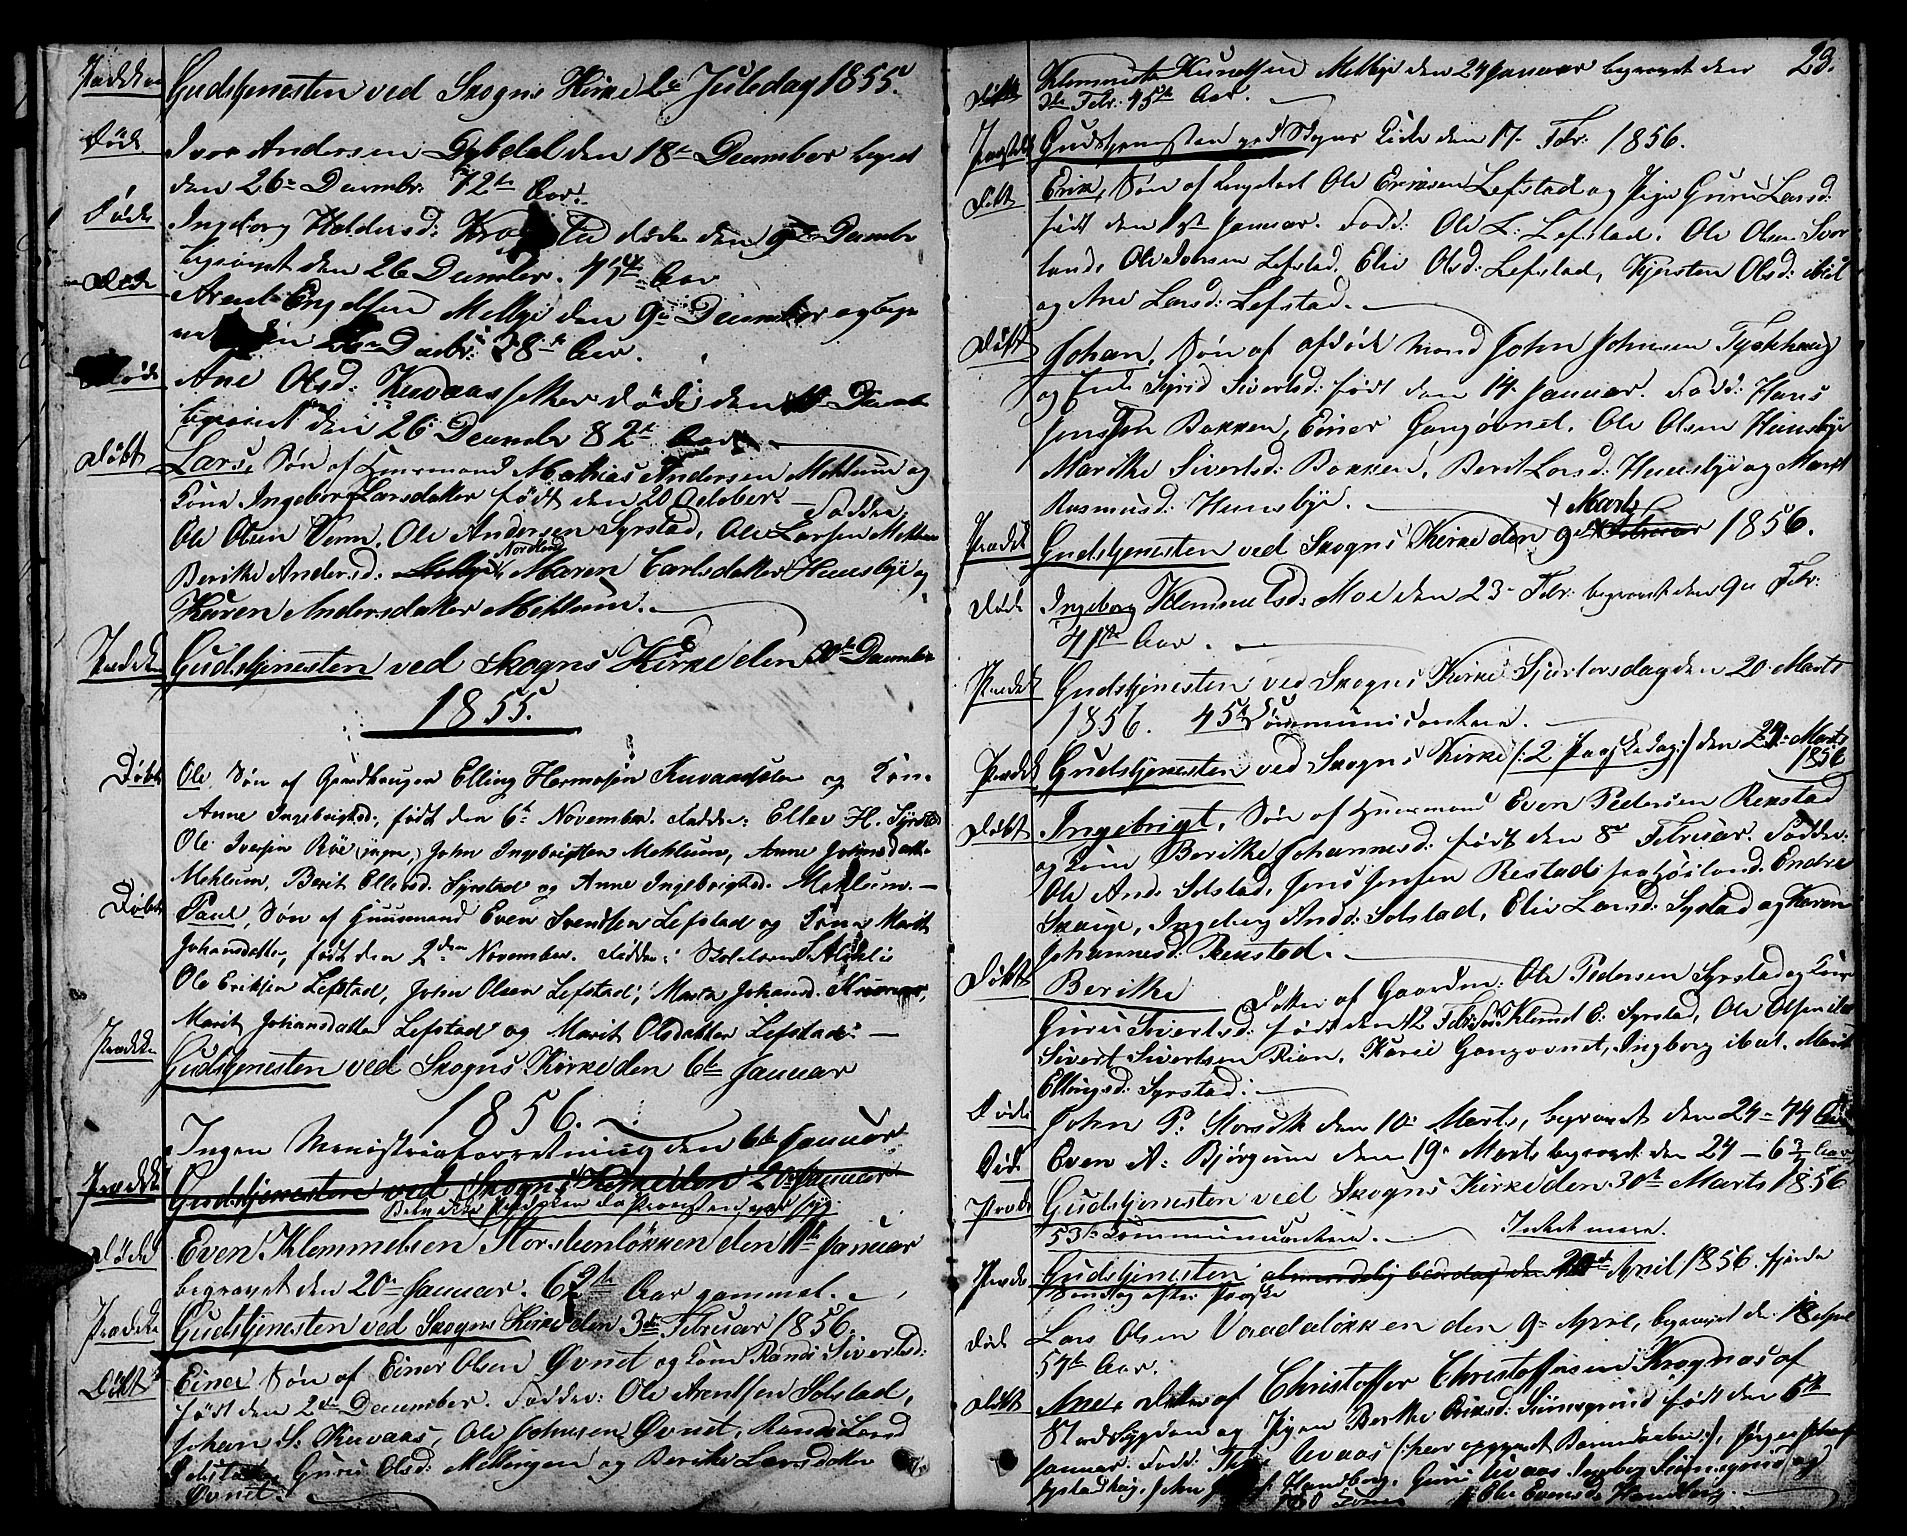 SAT, Ministerialprotokoller, klokkerbøker og fødselsregistre - Sør-Trøndelag, 667/L0797: Klokkerbok nr. 667C02, 1849-1867, s. 23